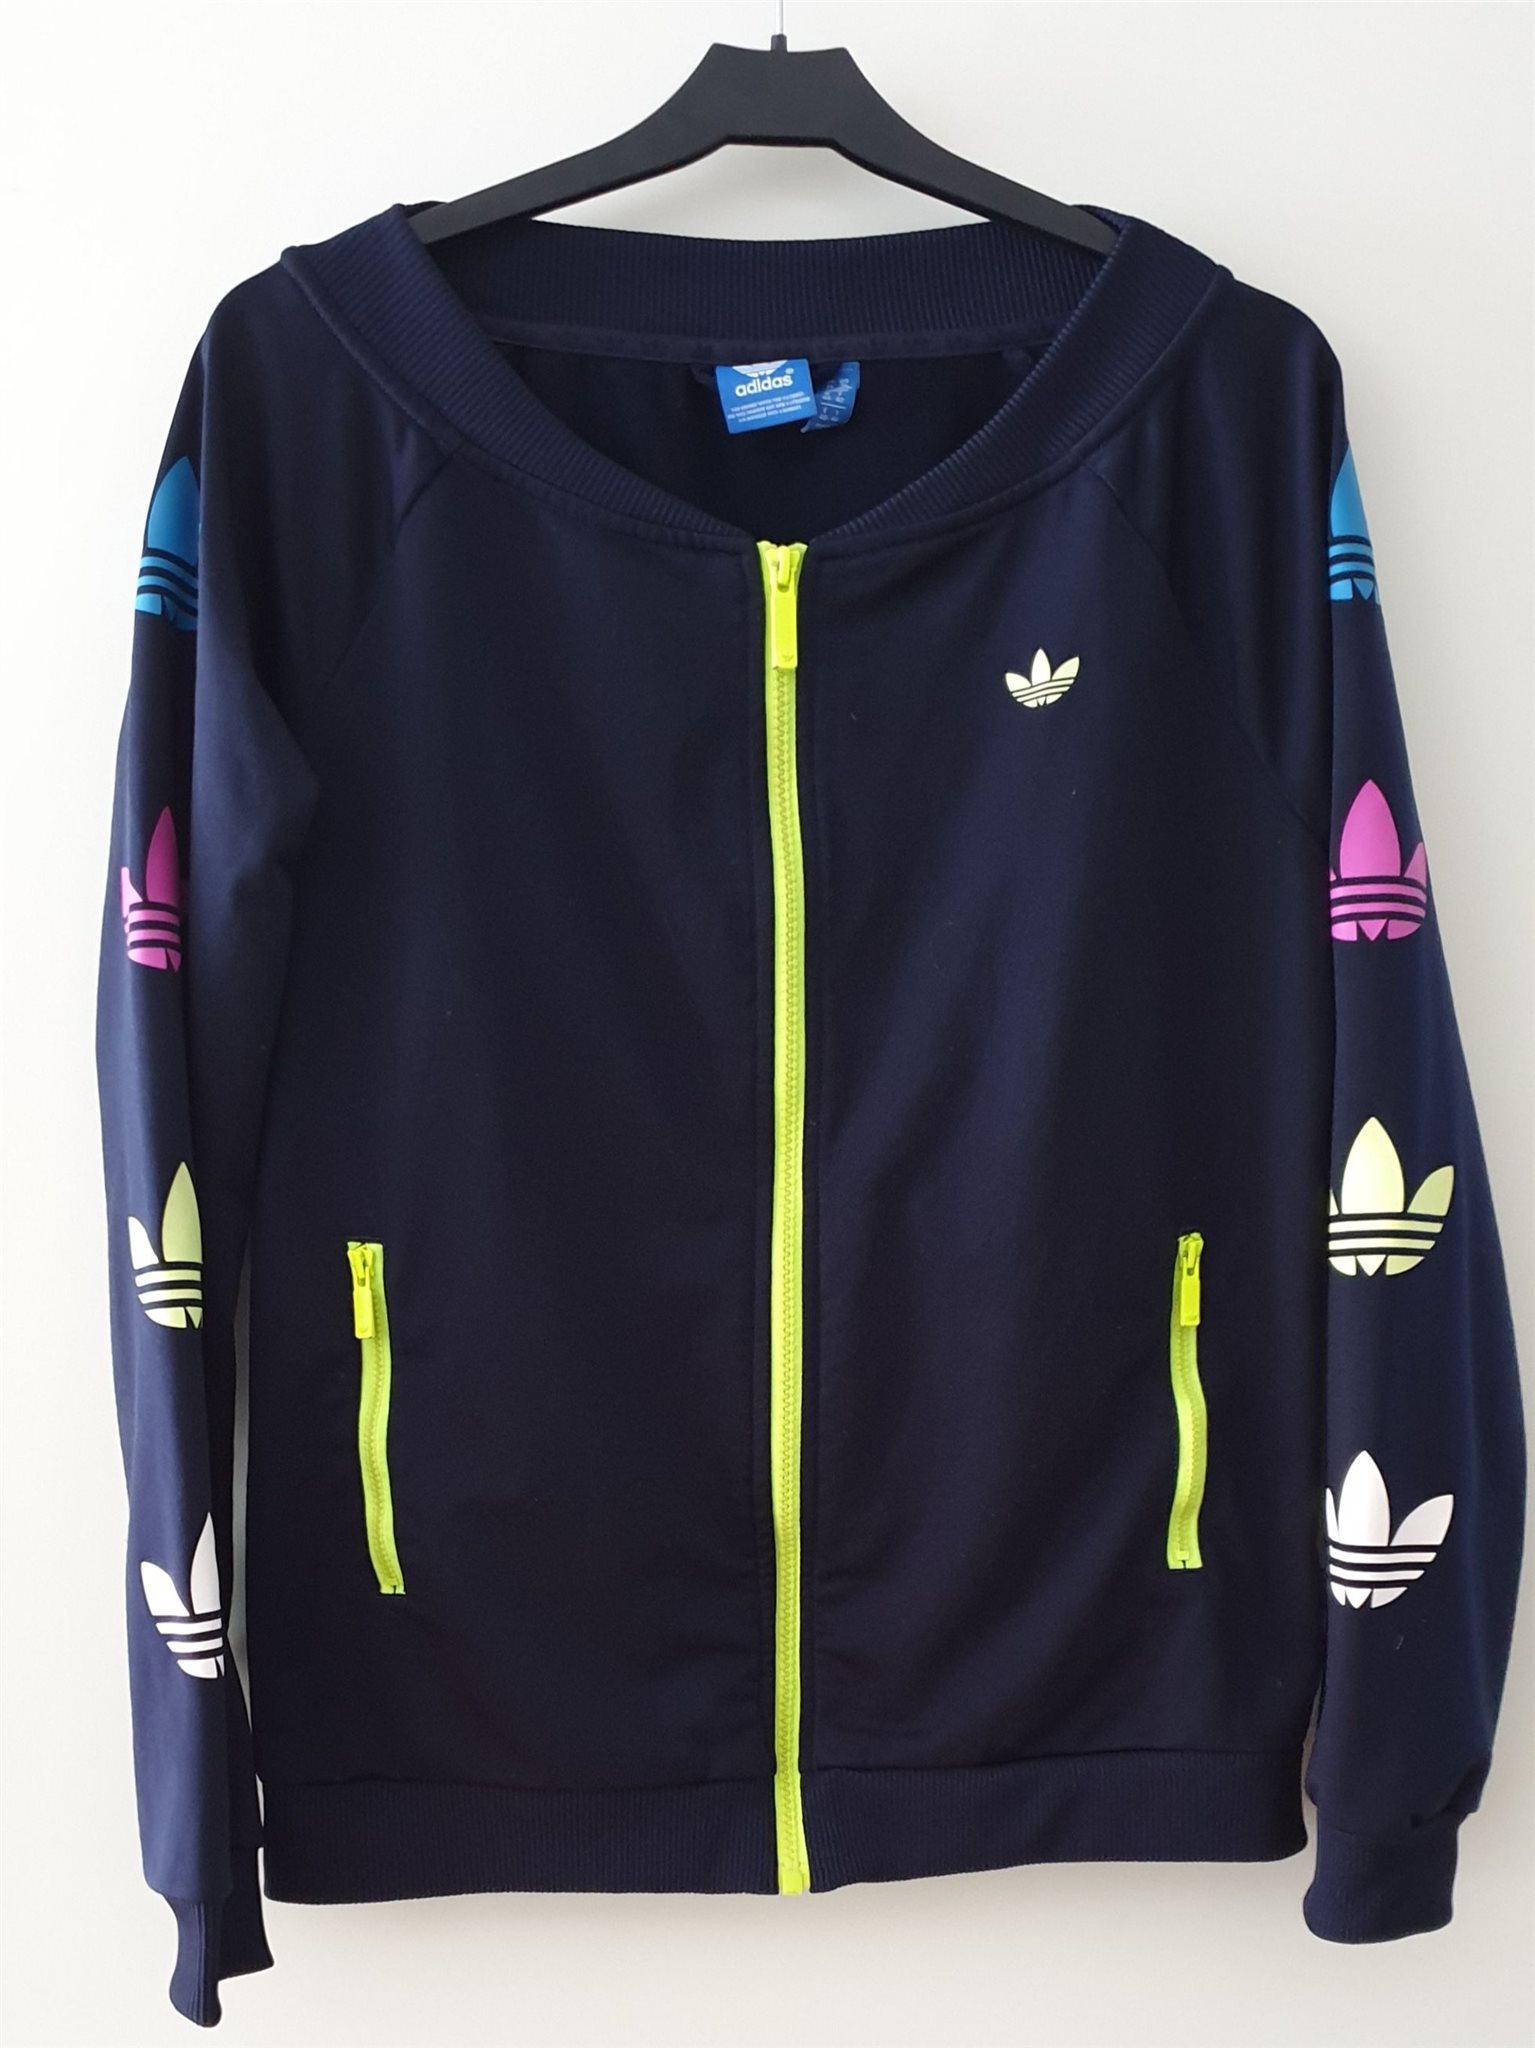 7f571aafc16 Snygg Adidaströja dam strl M 38/40. Adidas, tröja, sweatshirt, kofta ...